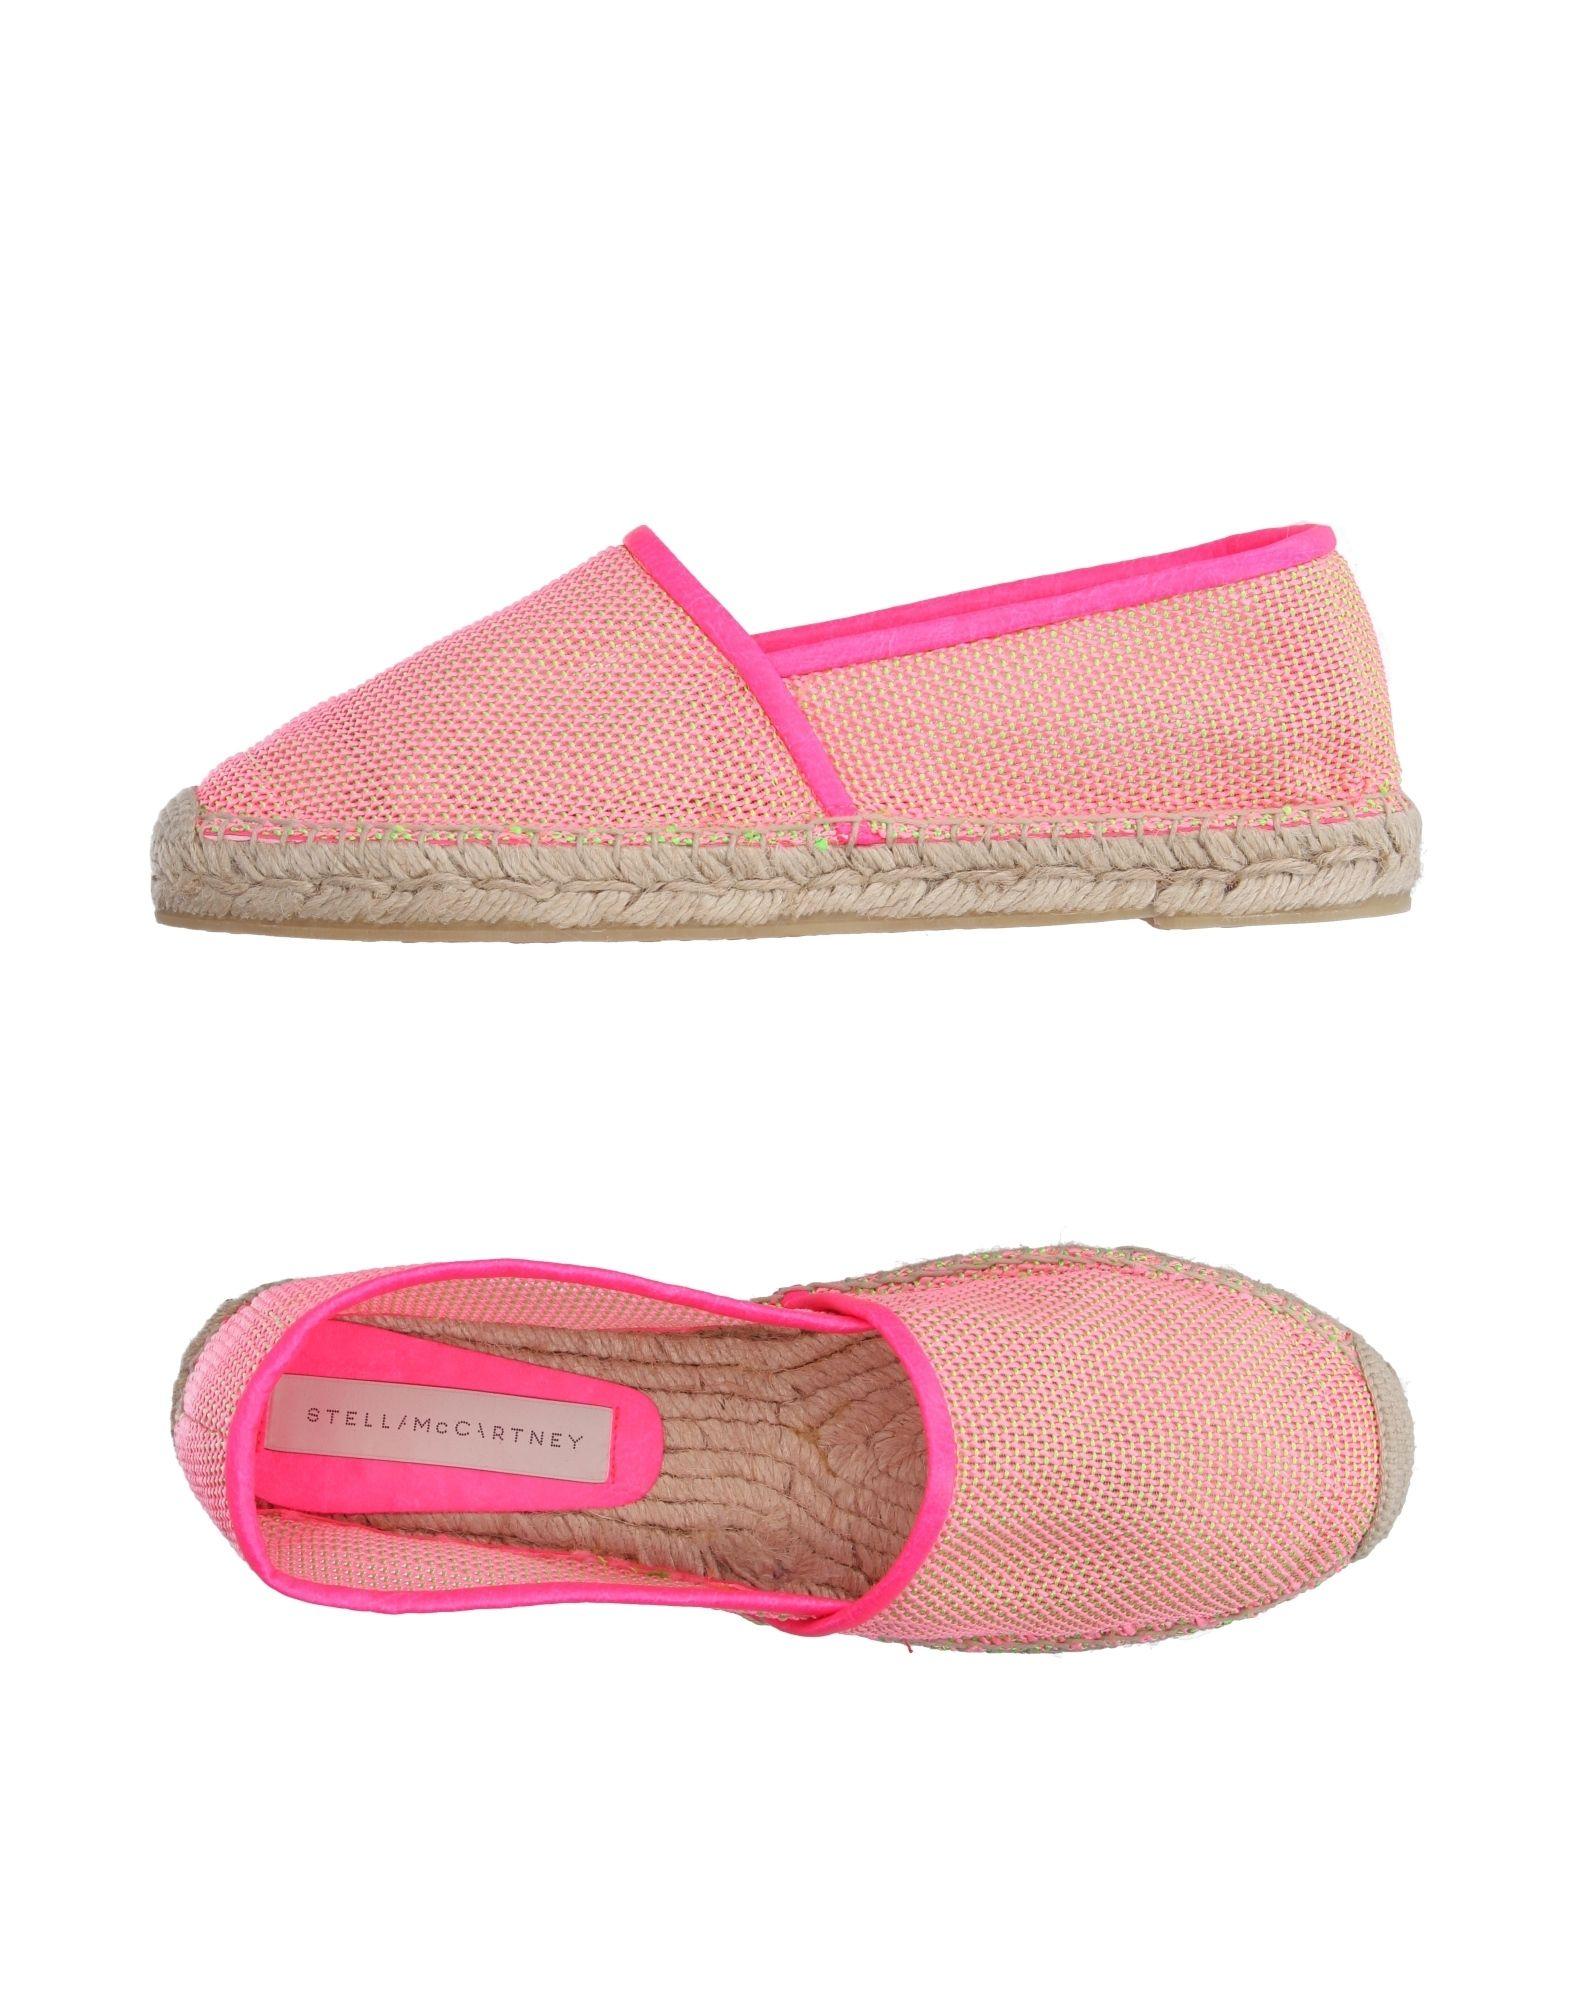 Gut Mccartney um billige Schuhe zu tragenStella Mccartney Gut Espadrilles Damen  11184346DF 58f844